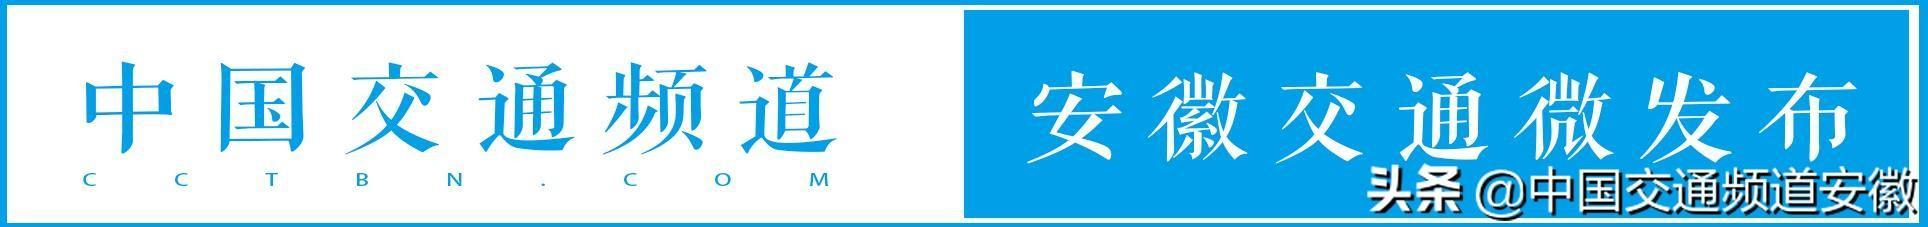 2019高考安徽录取427136人,文理本科录取1∶3悬殊比例引关注